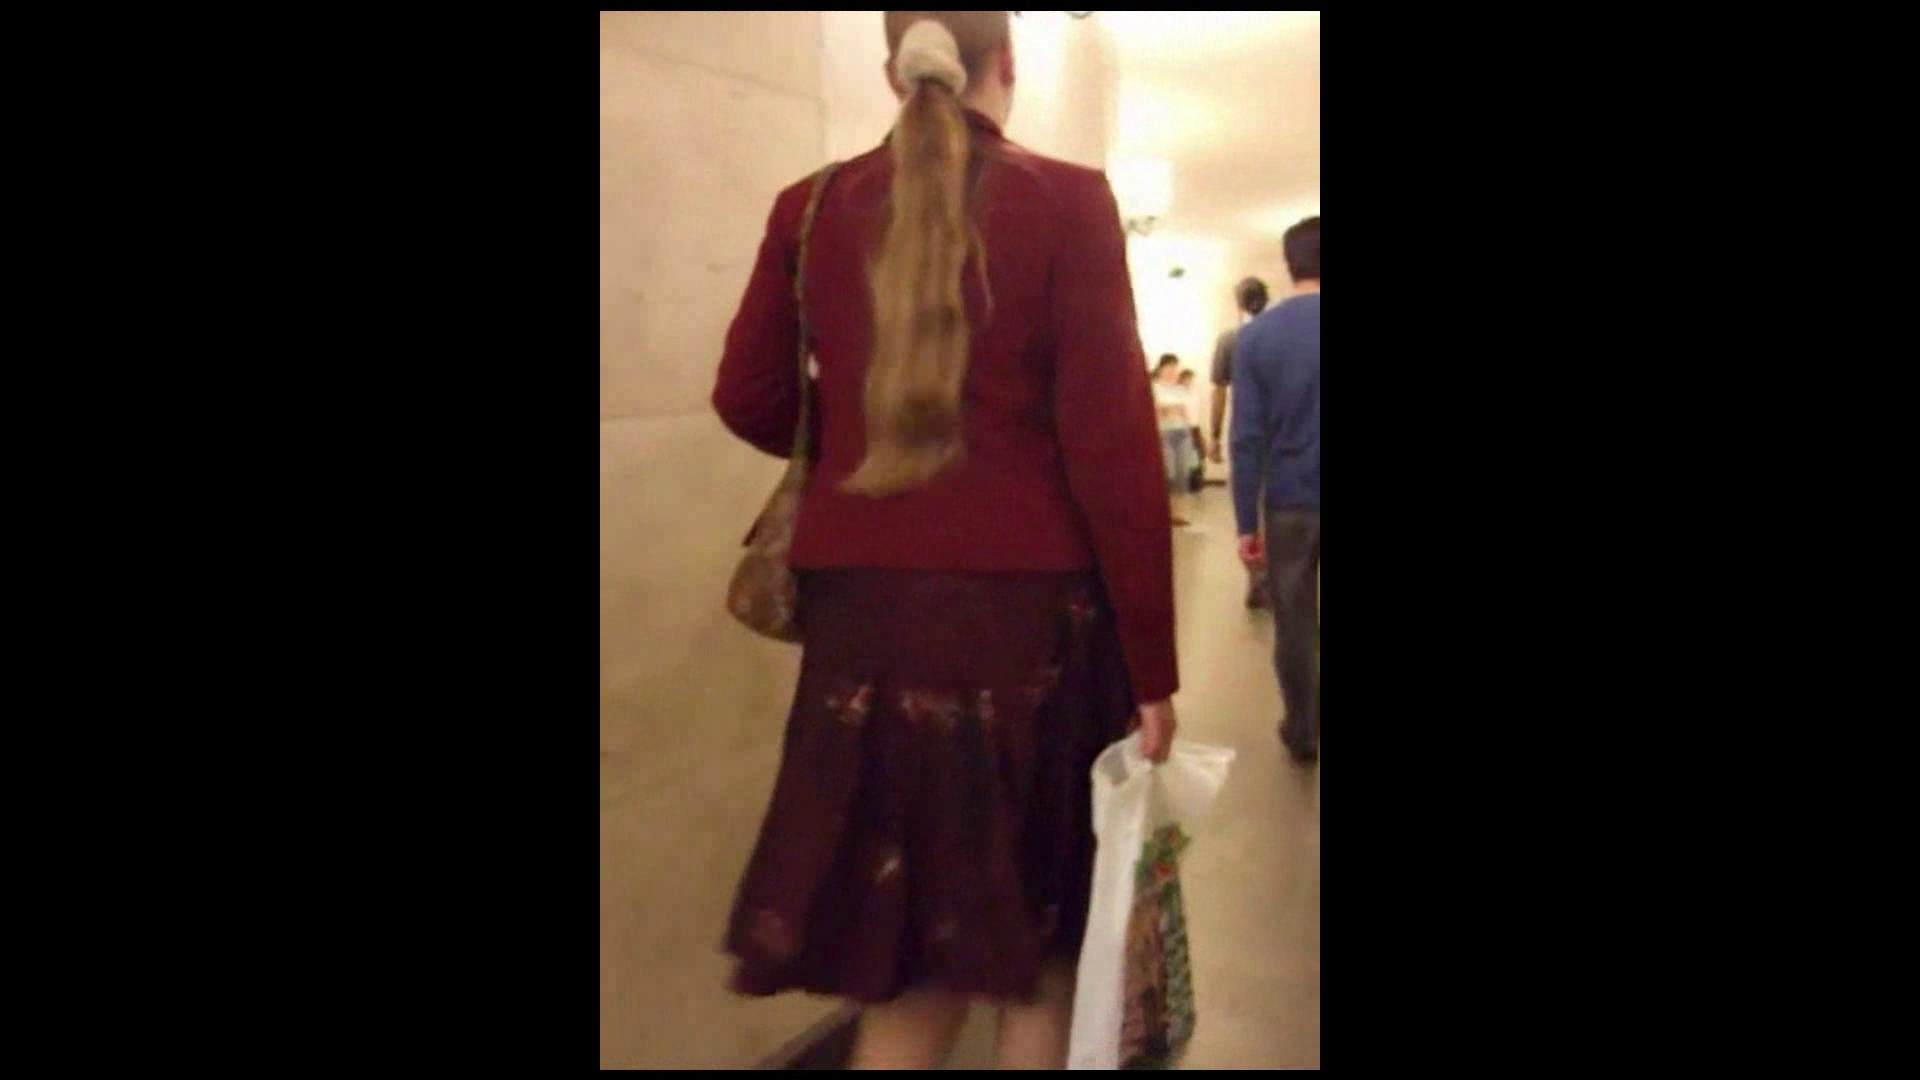 綺麗なモデルさんのスカート捲っちゃおう‼vol02 HなOL   モデルヌード  93pic 60